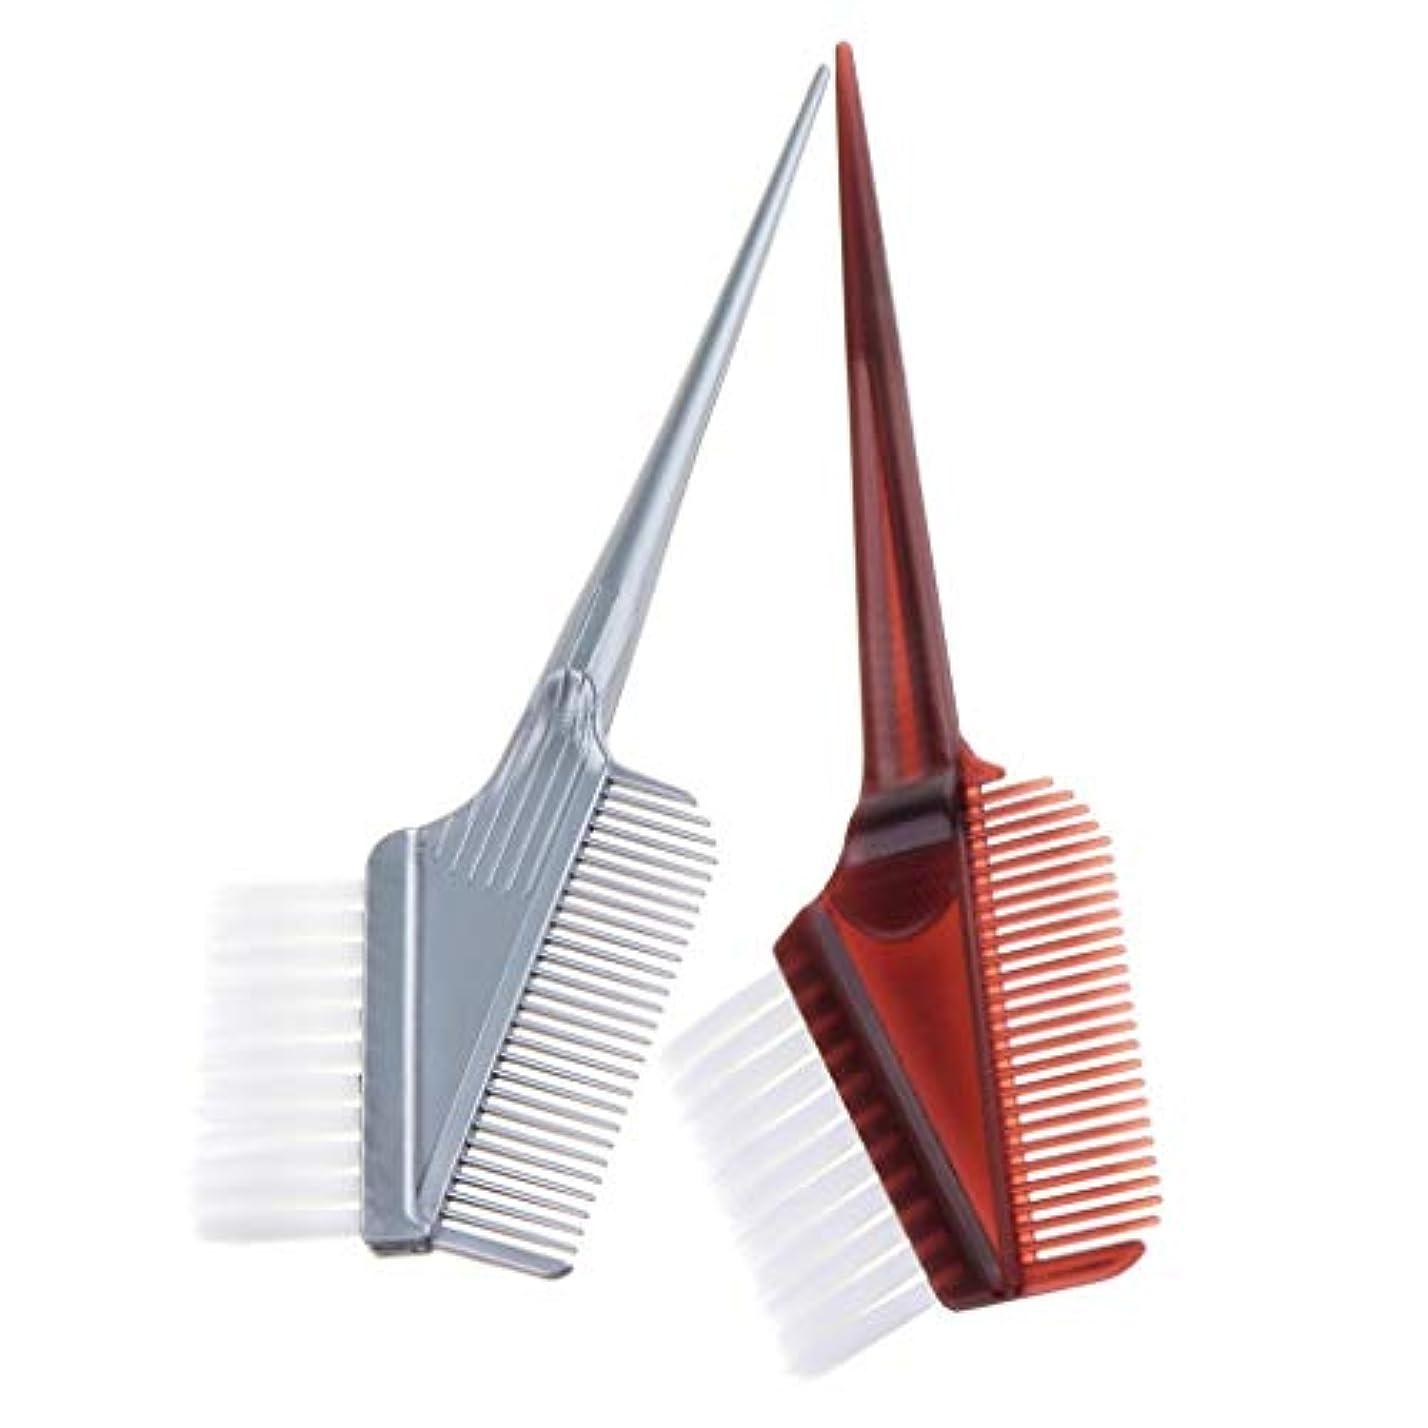 クランプスカルク交渉するヘアダイ コーム 毛染め カラーリングブラシ 髪染めブラシ ヘアトリートメント ヘアカラー